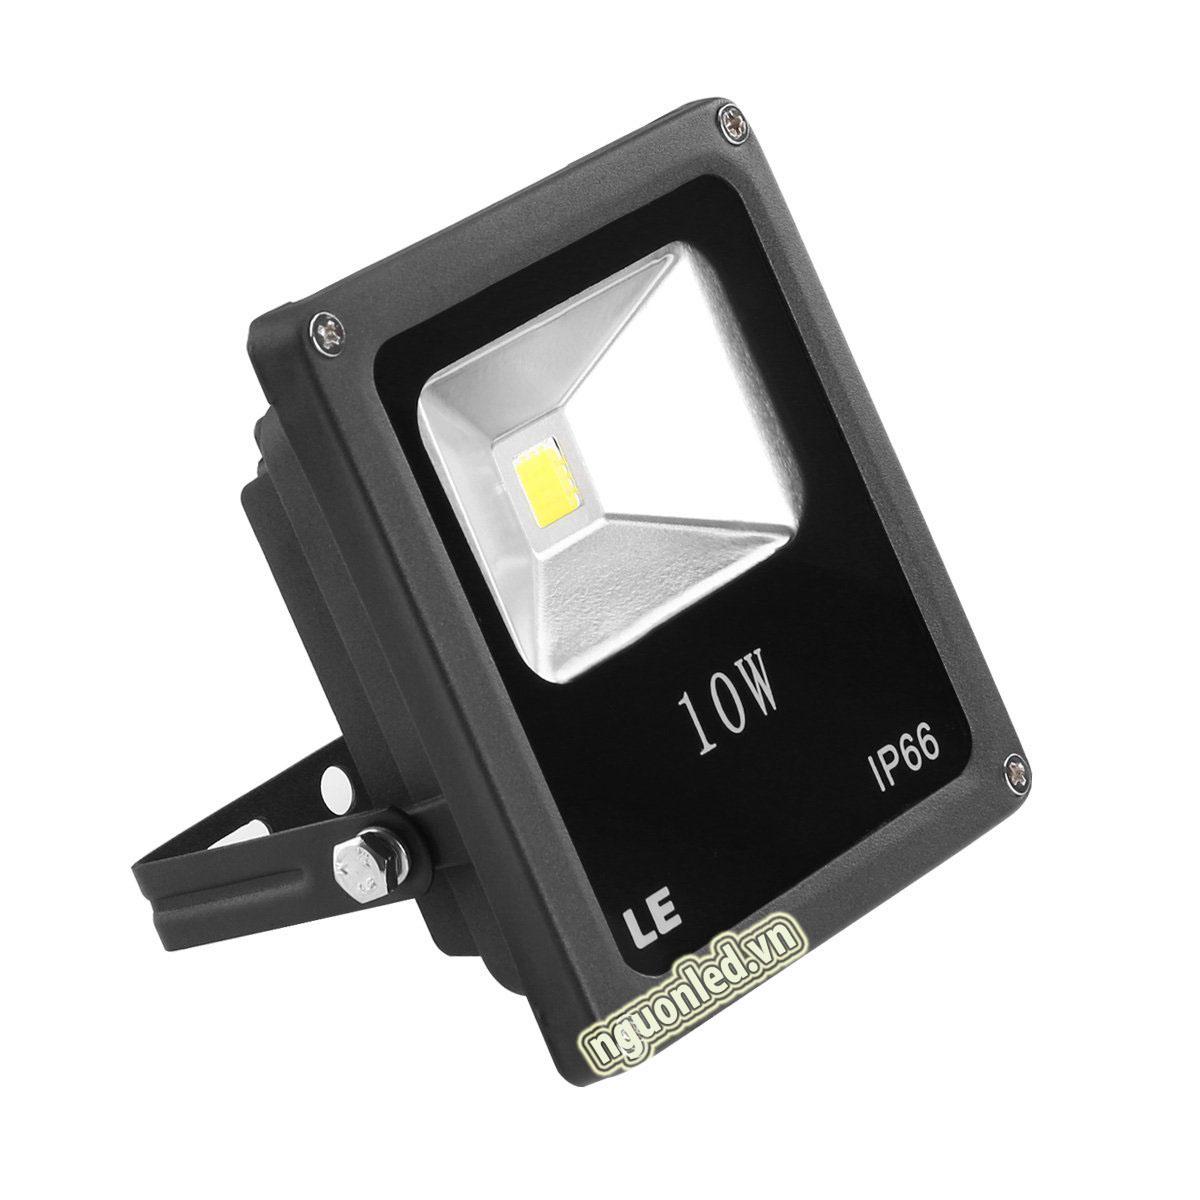 Đèn pha 10W mỏng, loại tốt, bảo hành 2 năm mua tại nguonled.vn